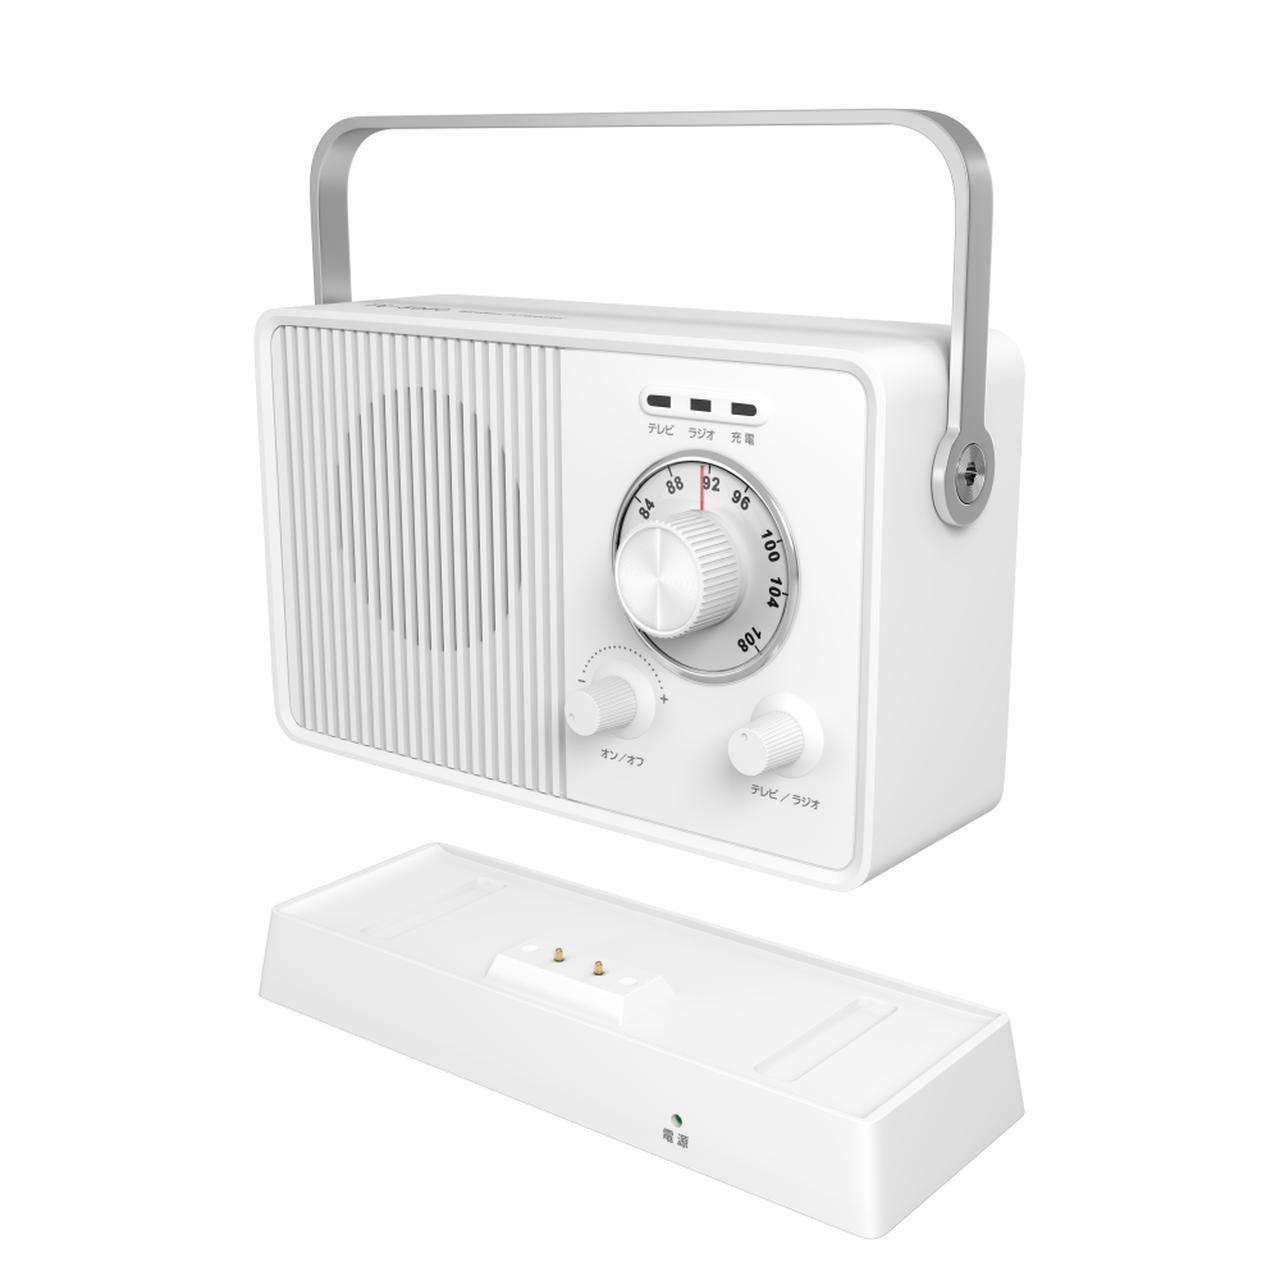 画像: テレビの音をはっきり聞ける。テレビ用のワイヤレススピーカー「OWL-TMTSP01」が、オウルテックから10月12日発売。ワイドFM対応